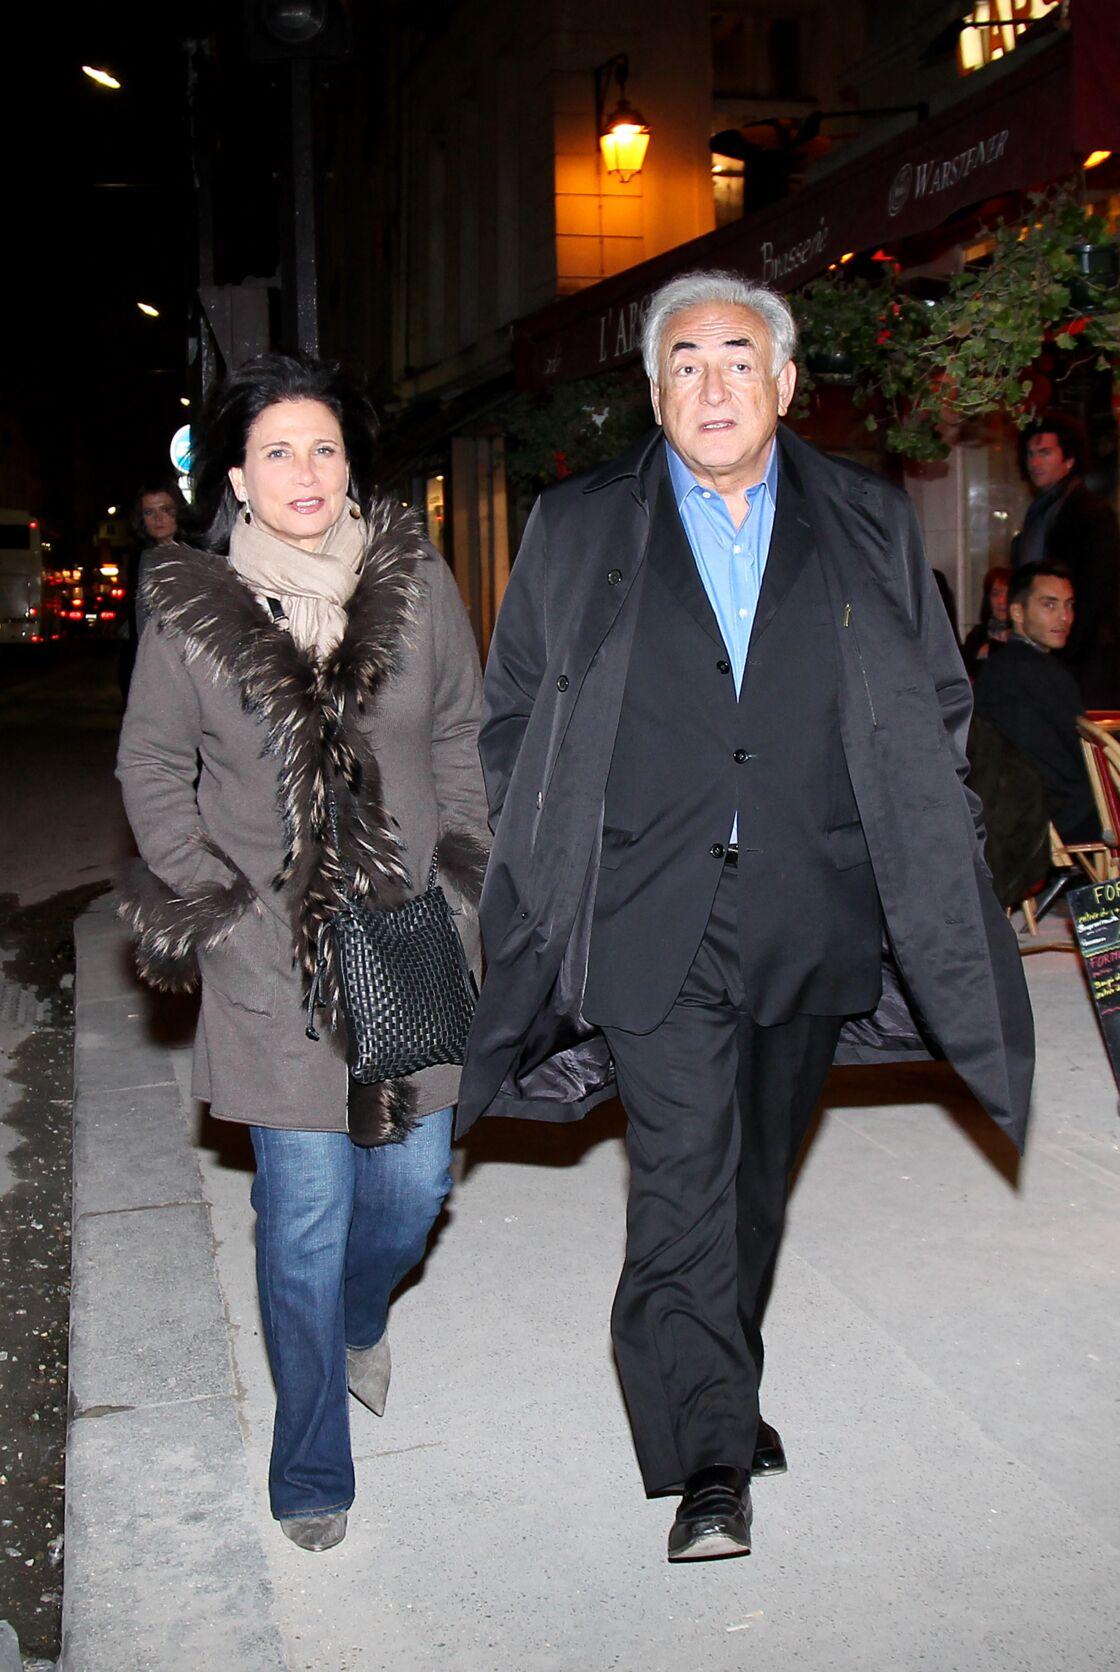 Anne Sinclair et Dominique Strauss-Kahn le 23 novembre 2011 à Paris